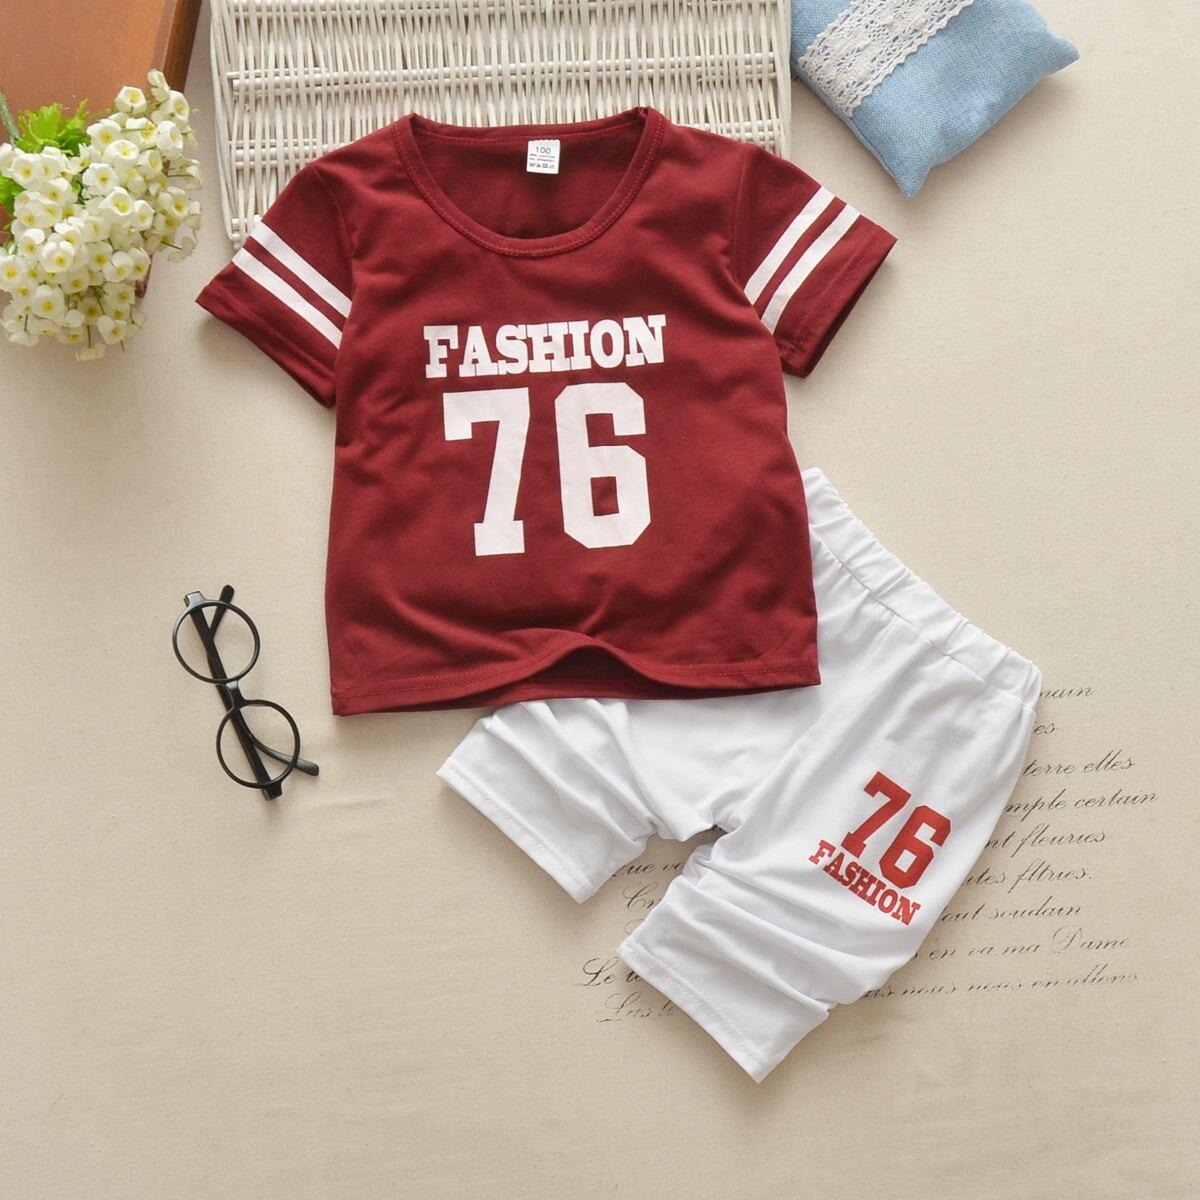 Футболка с полосатым текстовым принтом и шорты для мальчиков от SHEIN